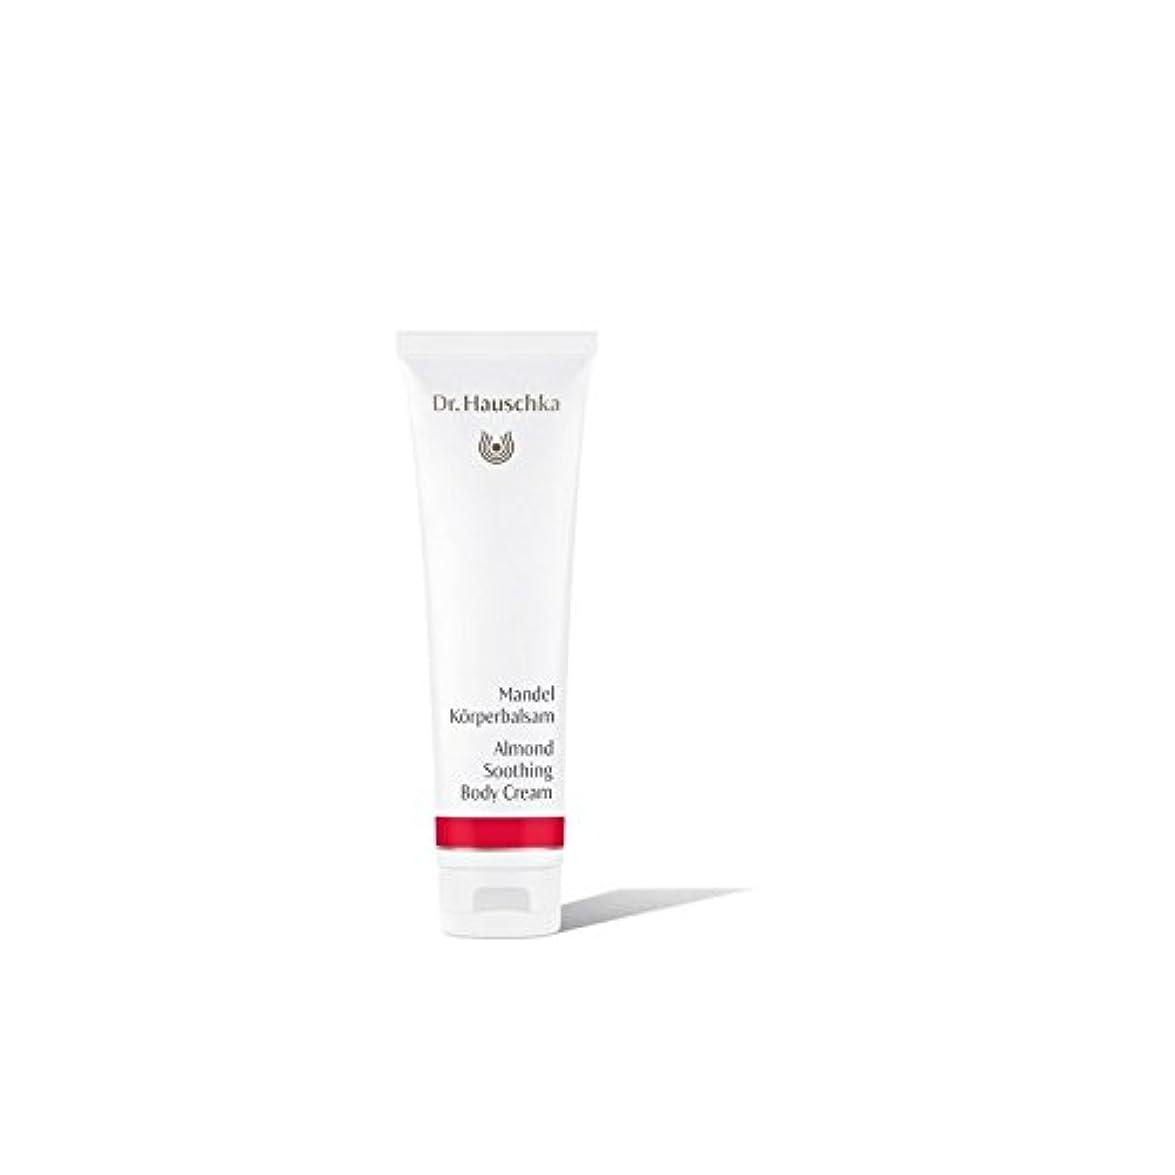 舌まぶしさ磁器Dr. Hauschka Almond Soothing Body Cream (145ml) (Pack of 6) - ハウシュカアーモンドなだめるボディクリーム(145ミリリットル) x6 [並行輸入品]